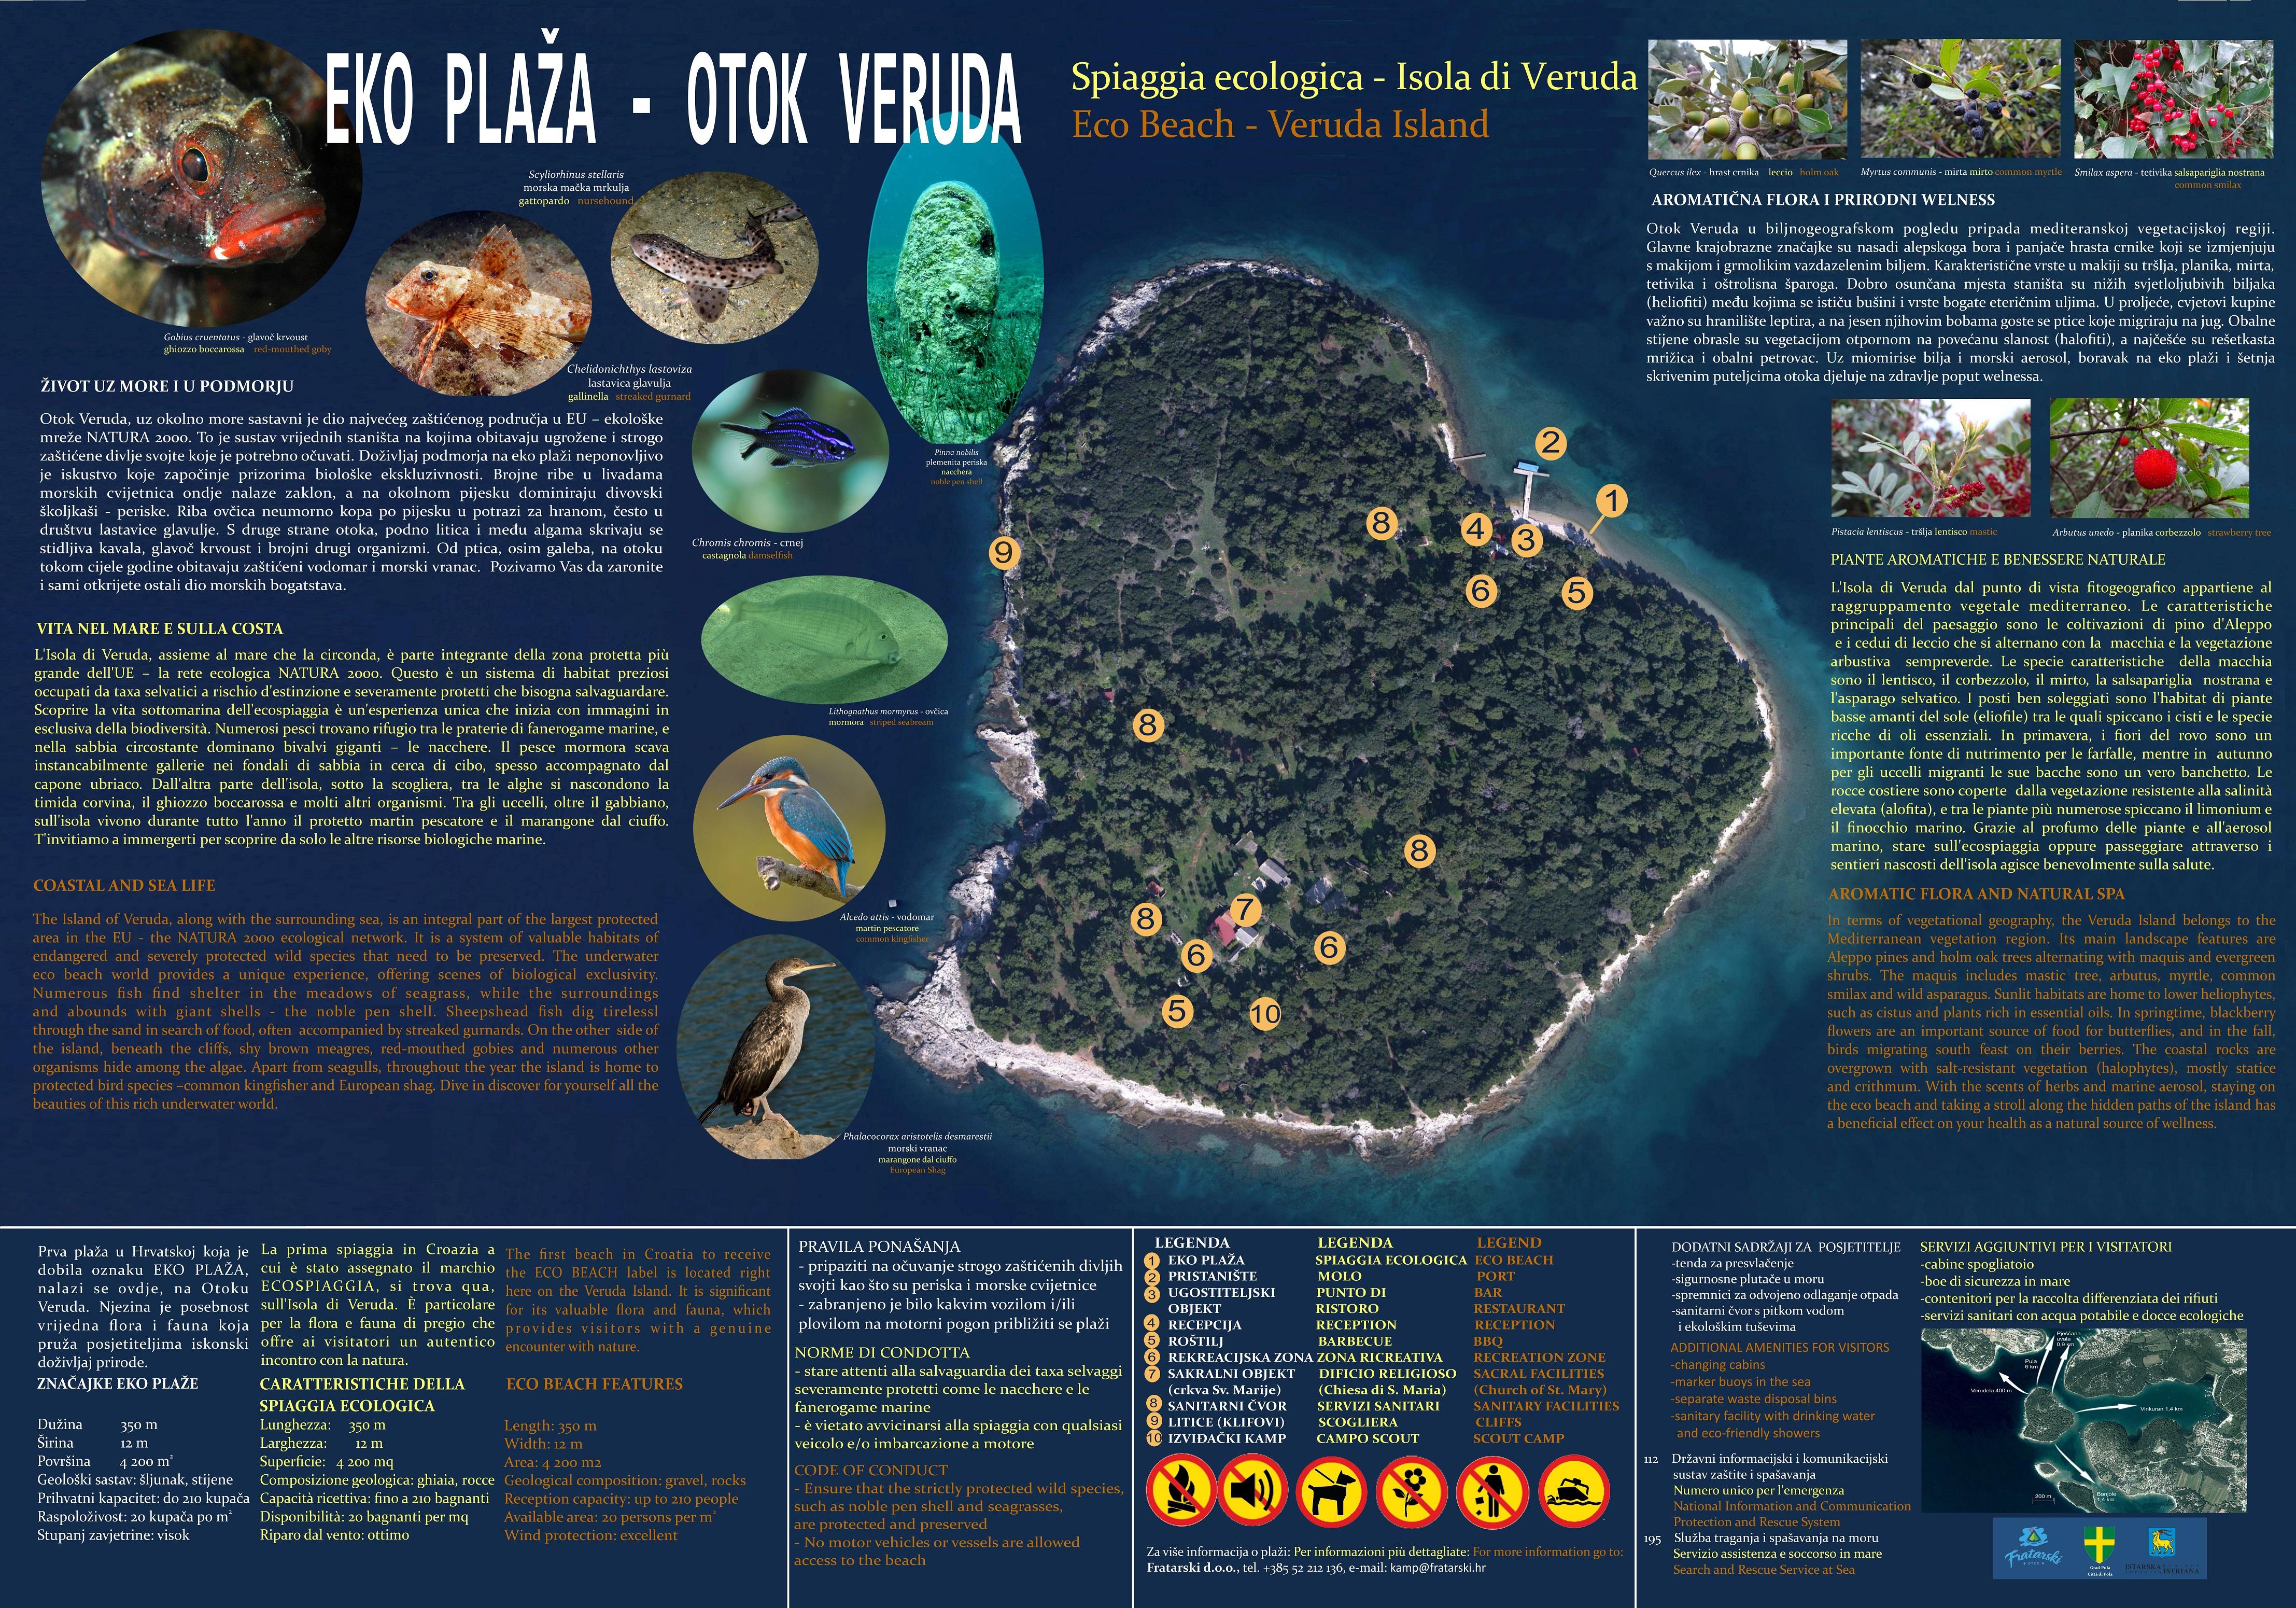 Spiaggia ecologica dell'Isola di Veruda, vicino a Pola